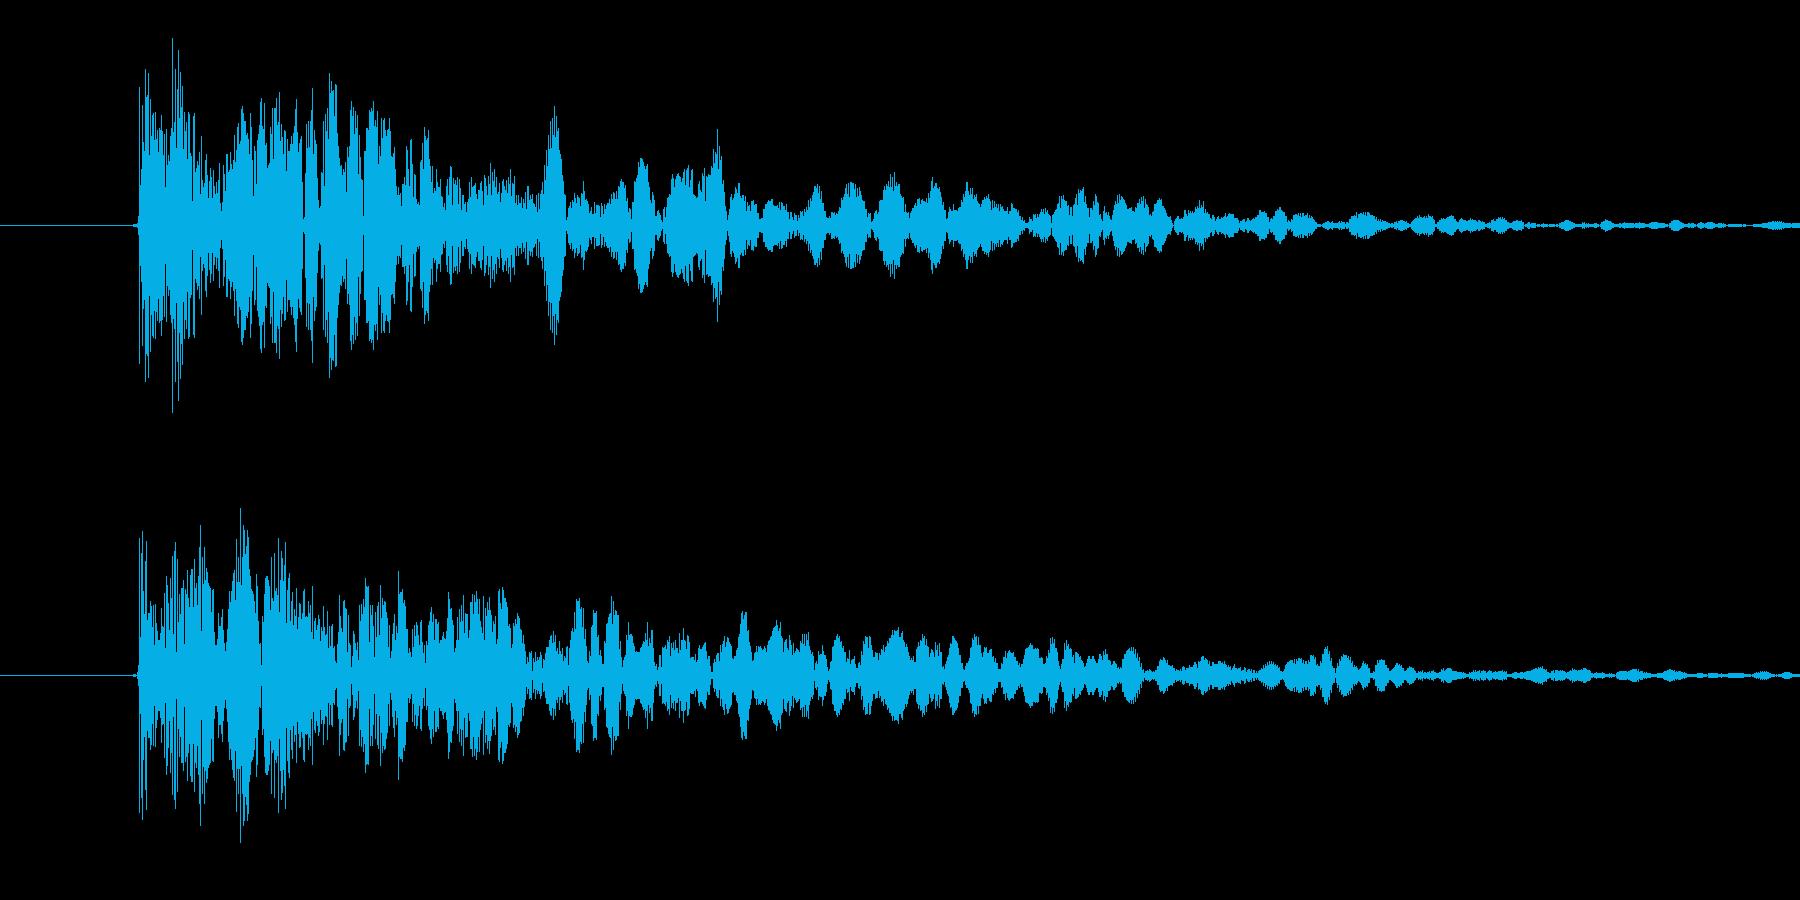 コミカル2(ポヨヨヨヨーン)の再生済みの波形